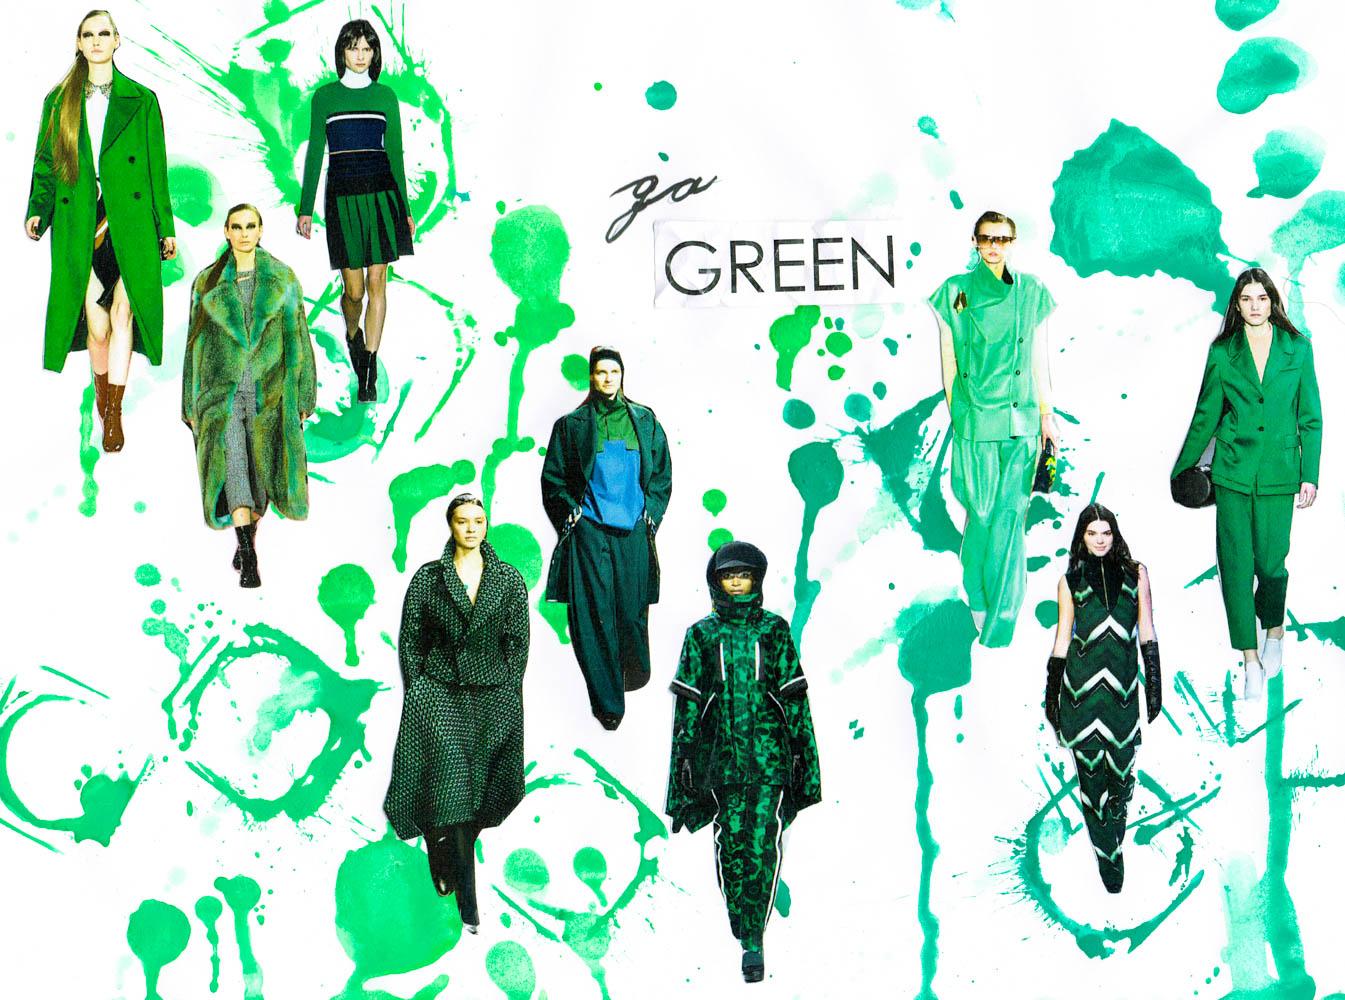 paris fashion week runway tendencies patchwork green suits-3